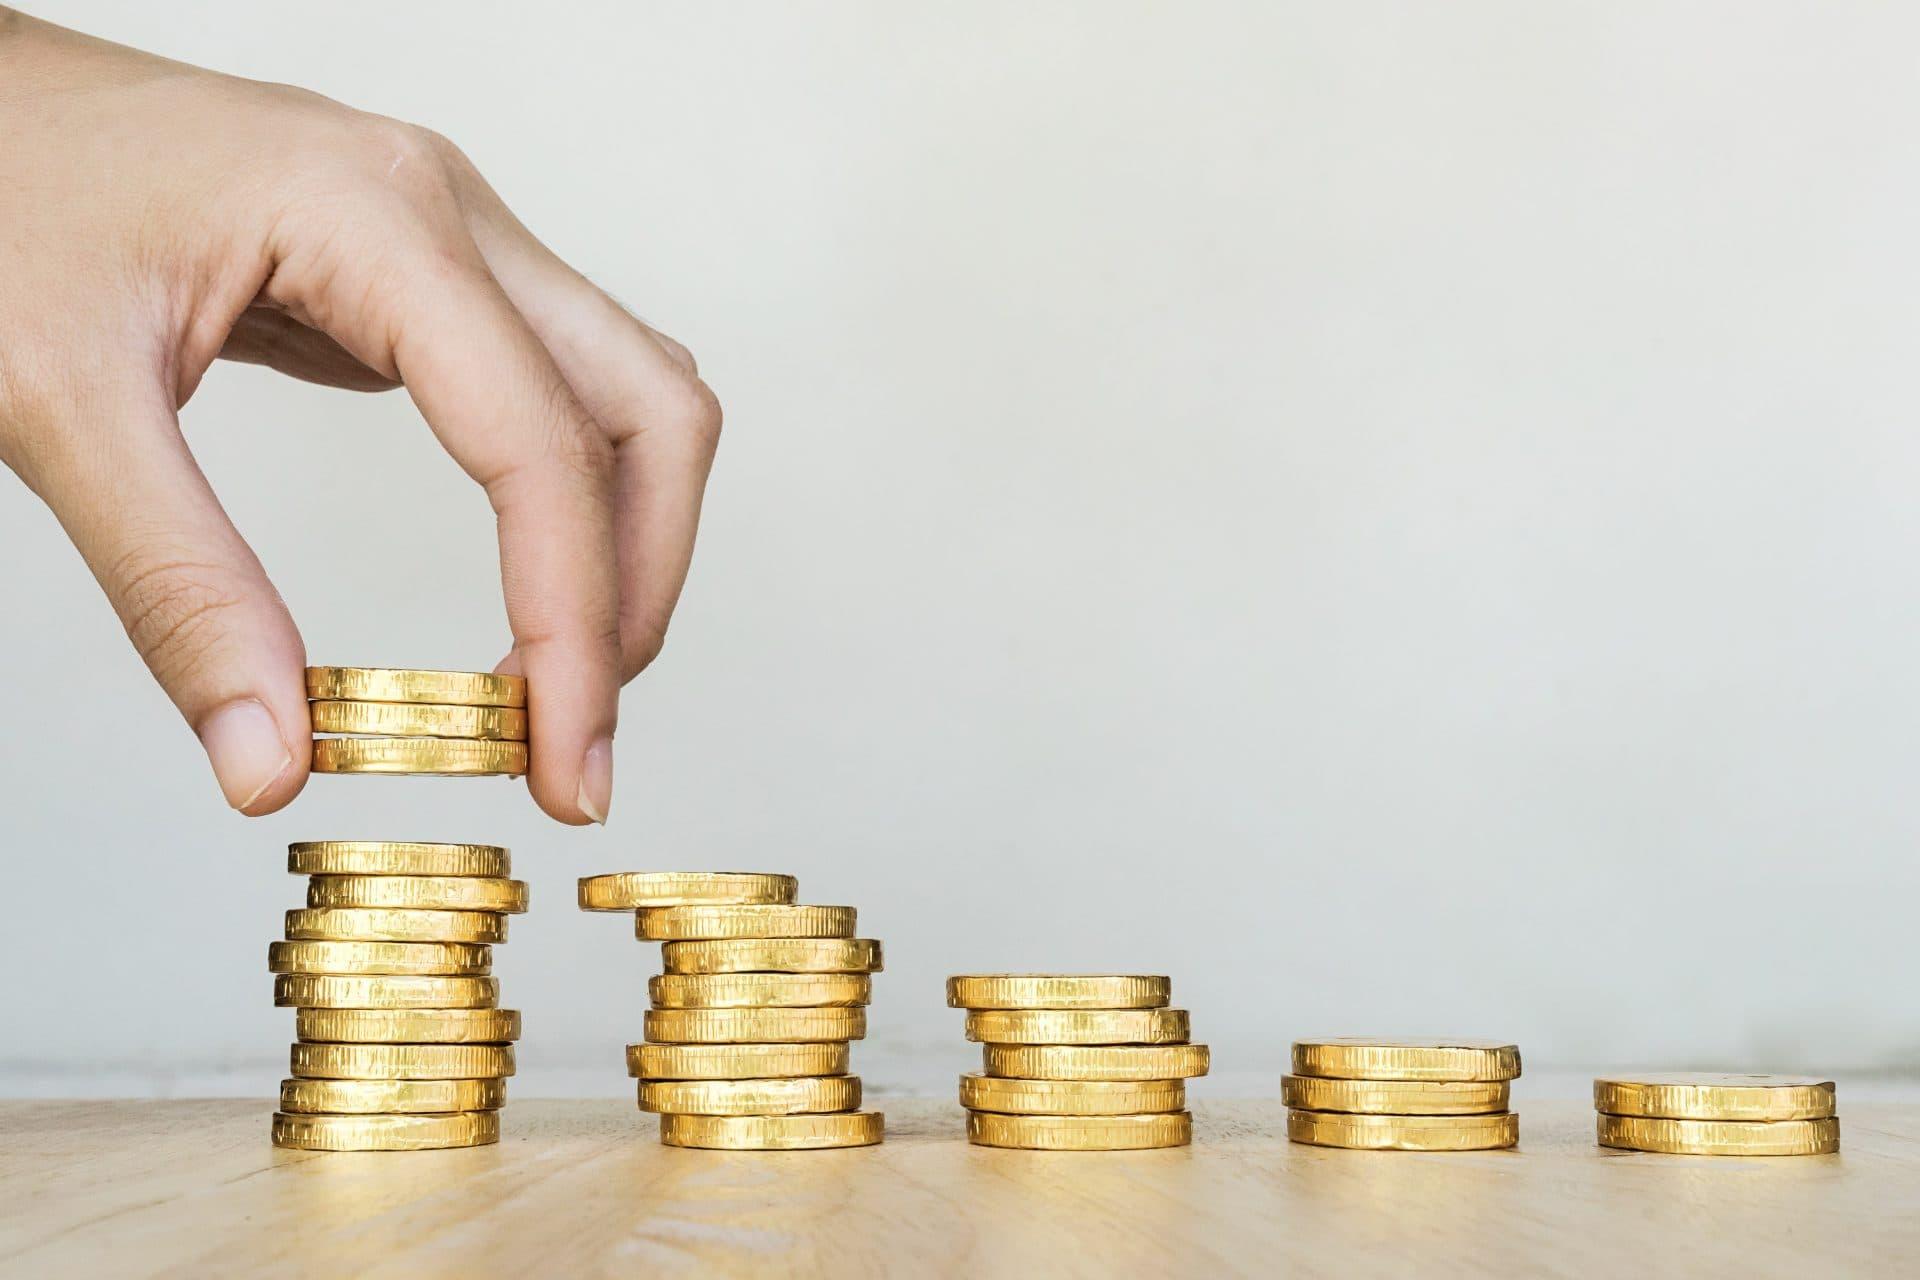 Куда инвестировать в нестабильной экономической ситуации